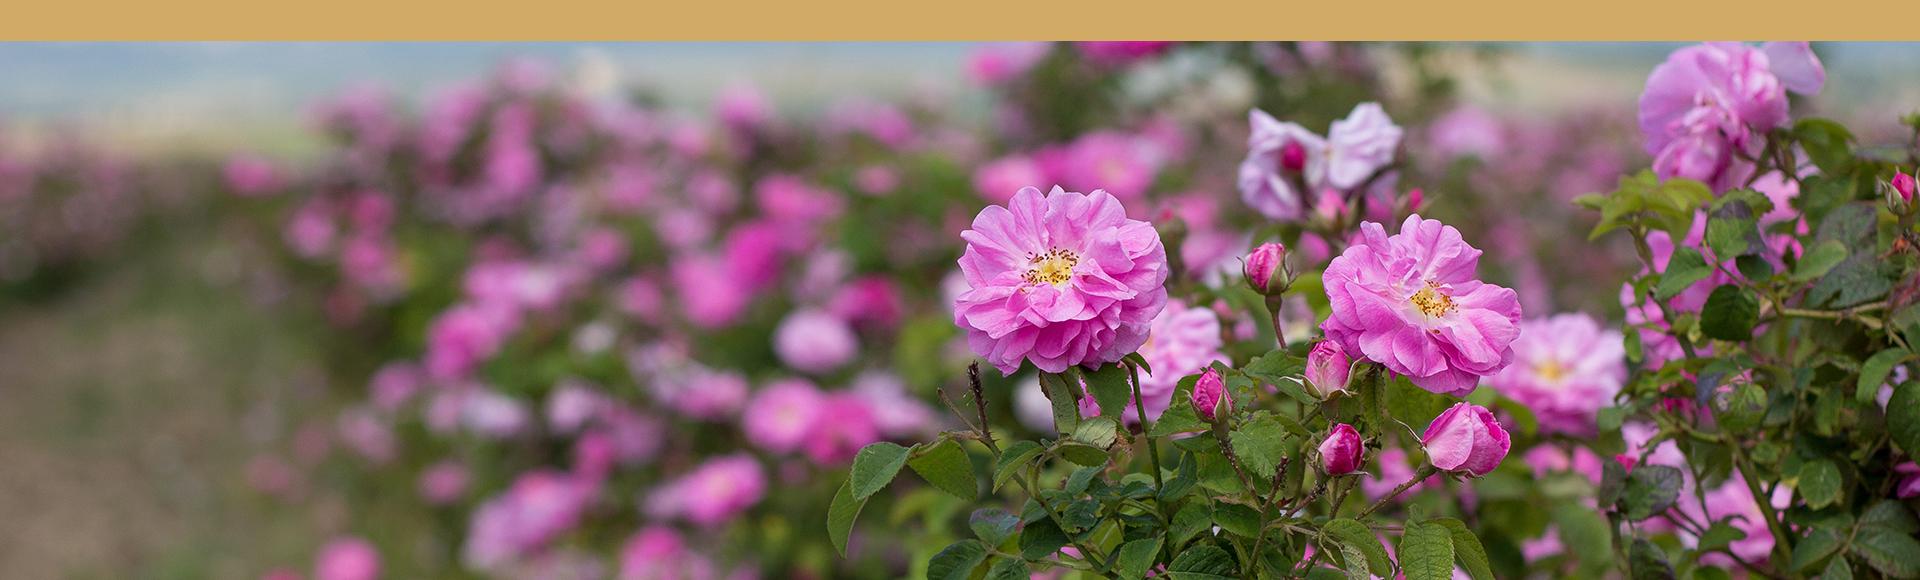 rosa rugosa flor seca para la infusion, Flor de Rosa